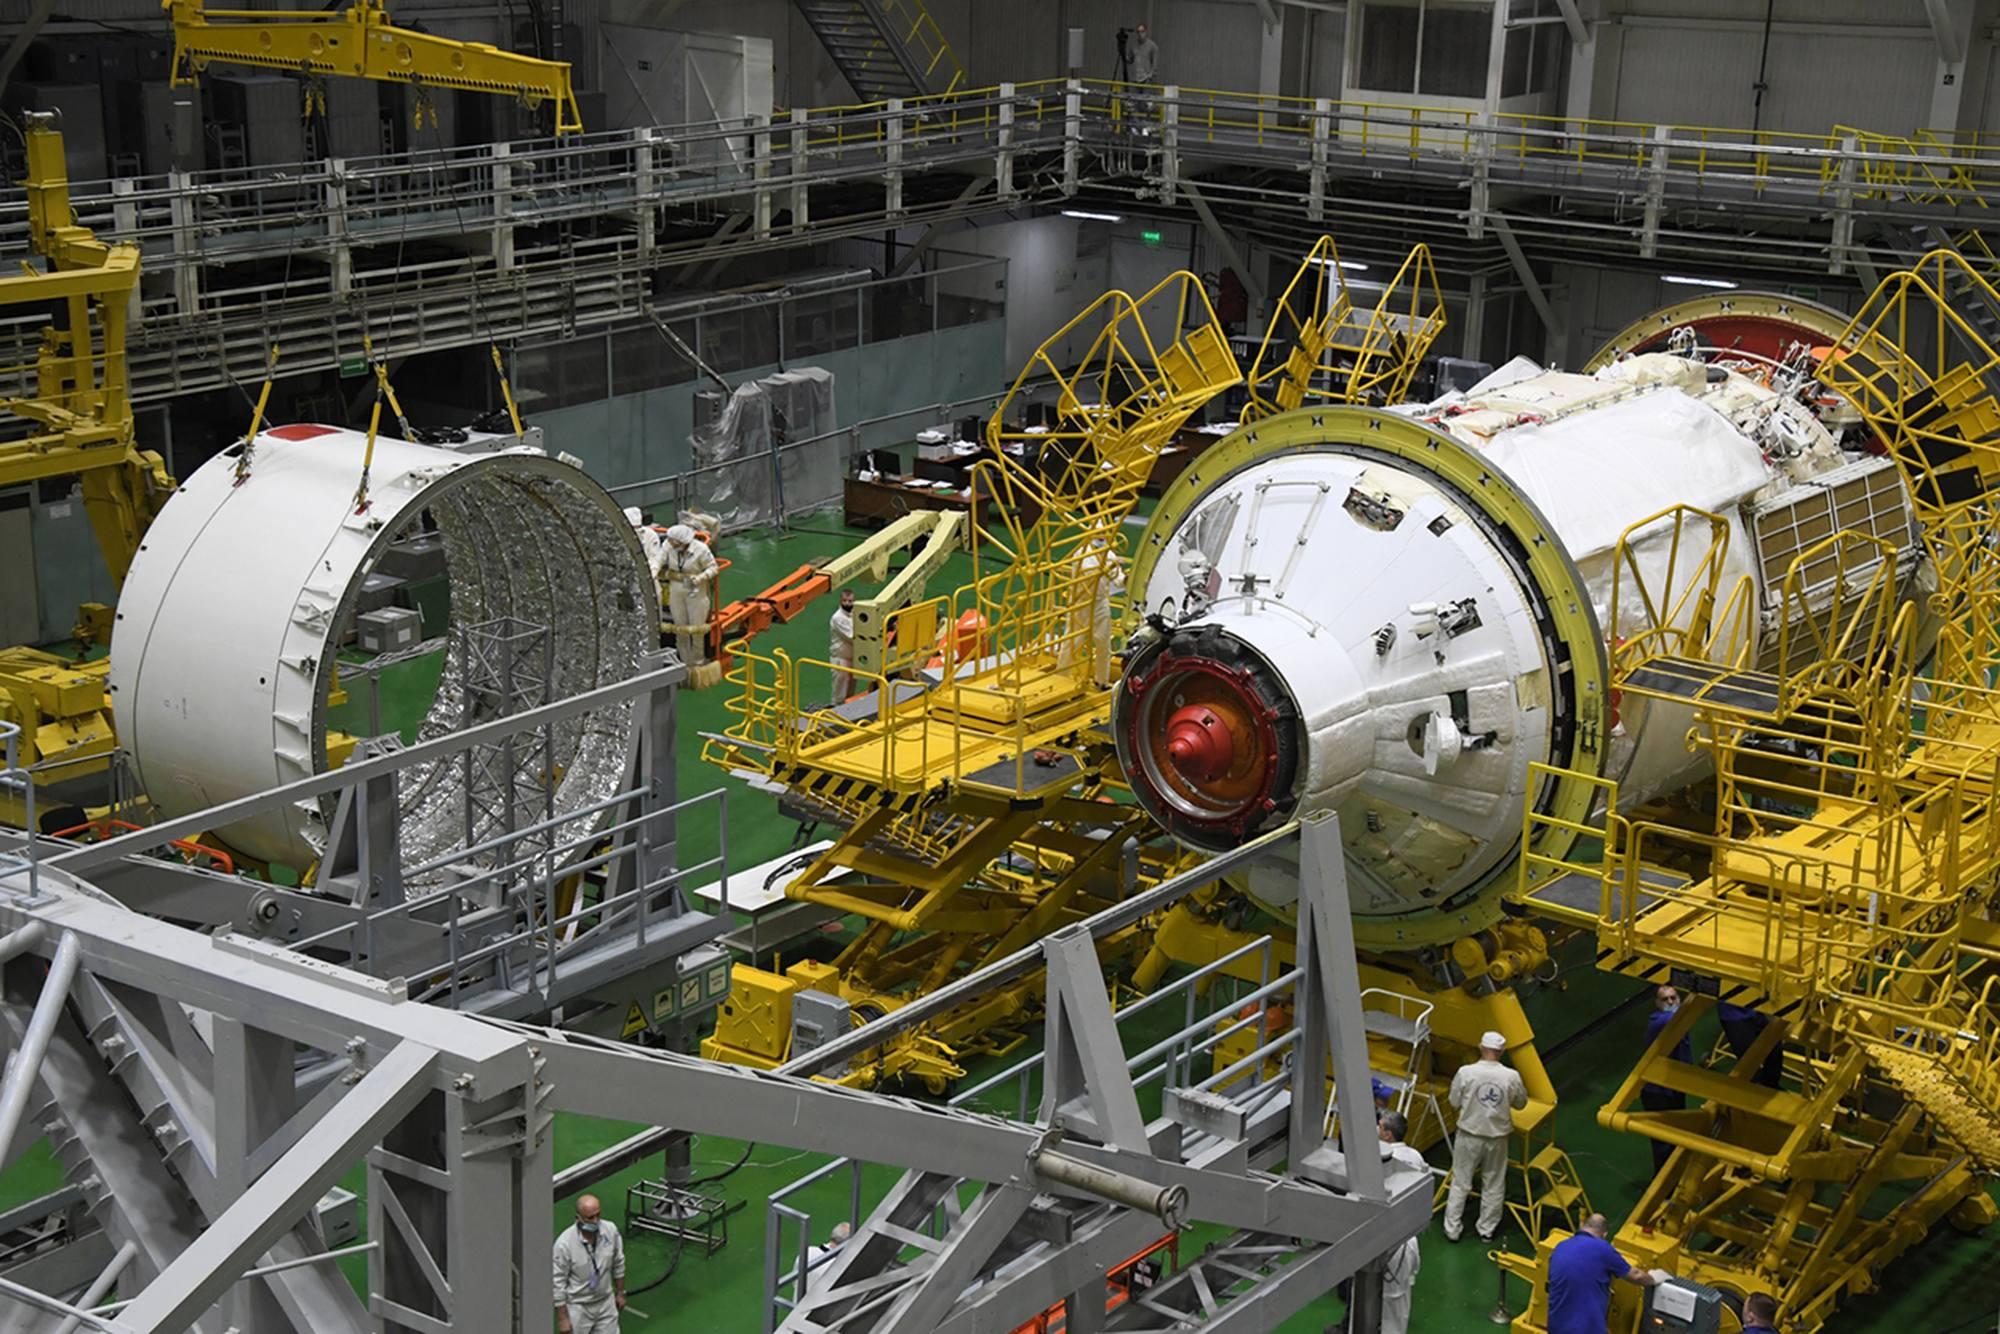 L'adaptateur va être placé dans l'axe du module Naouka.